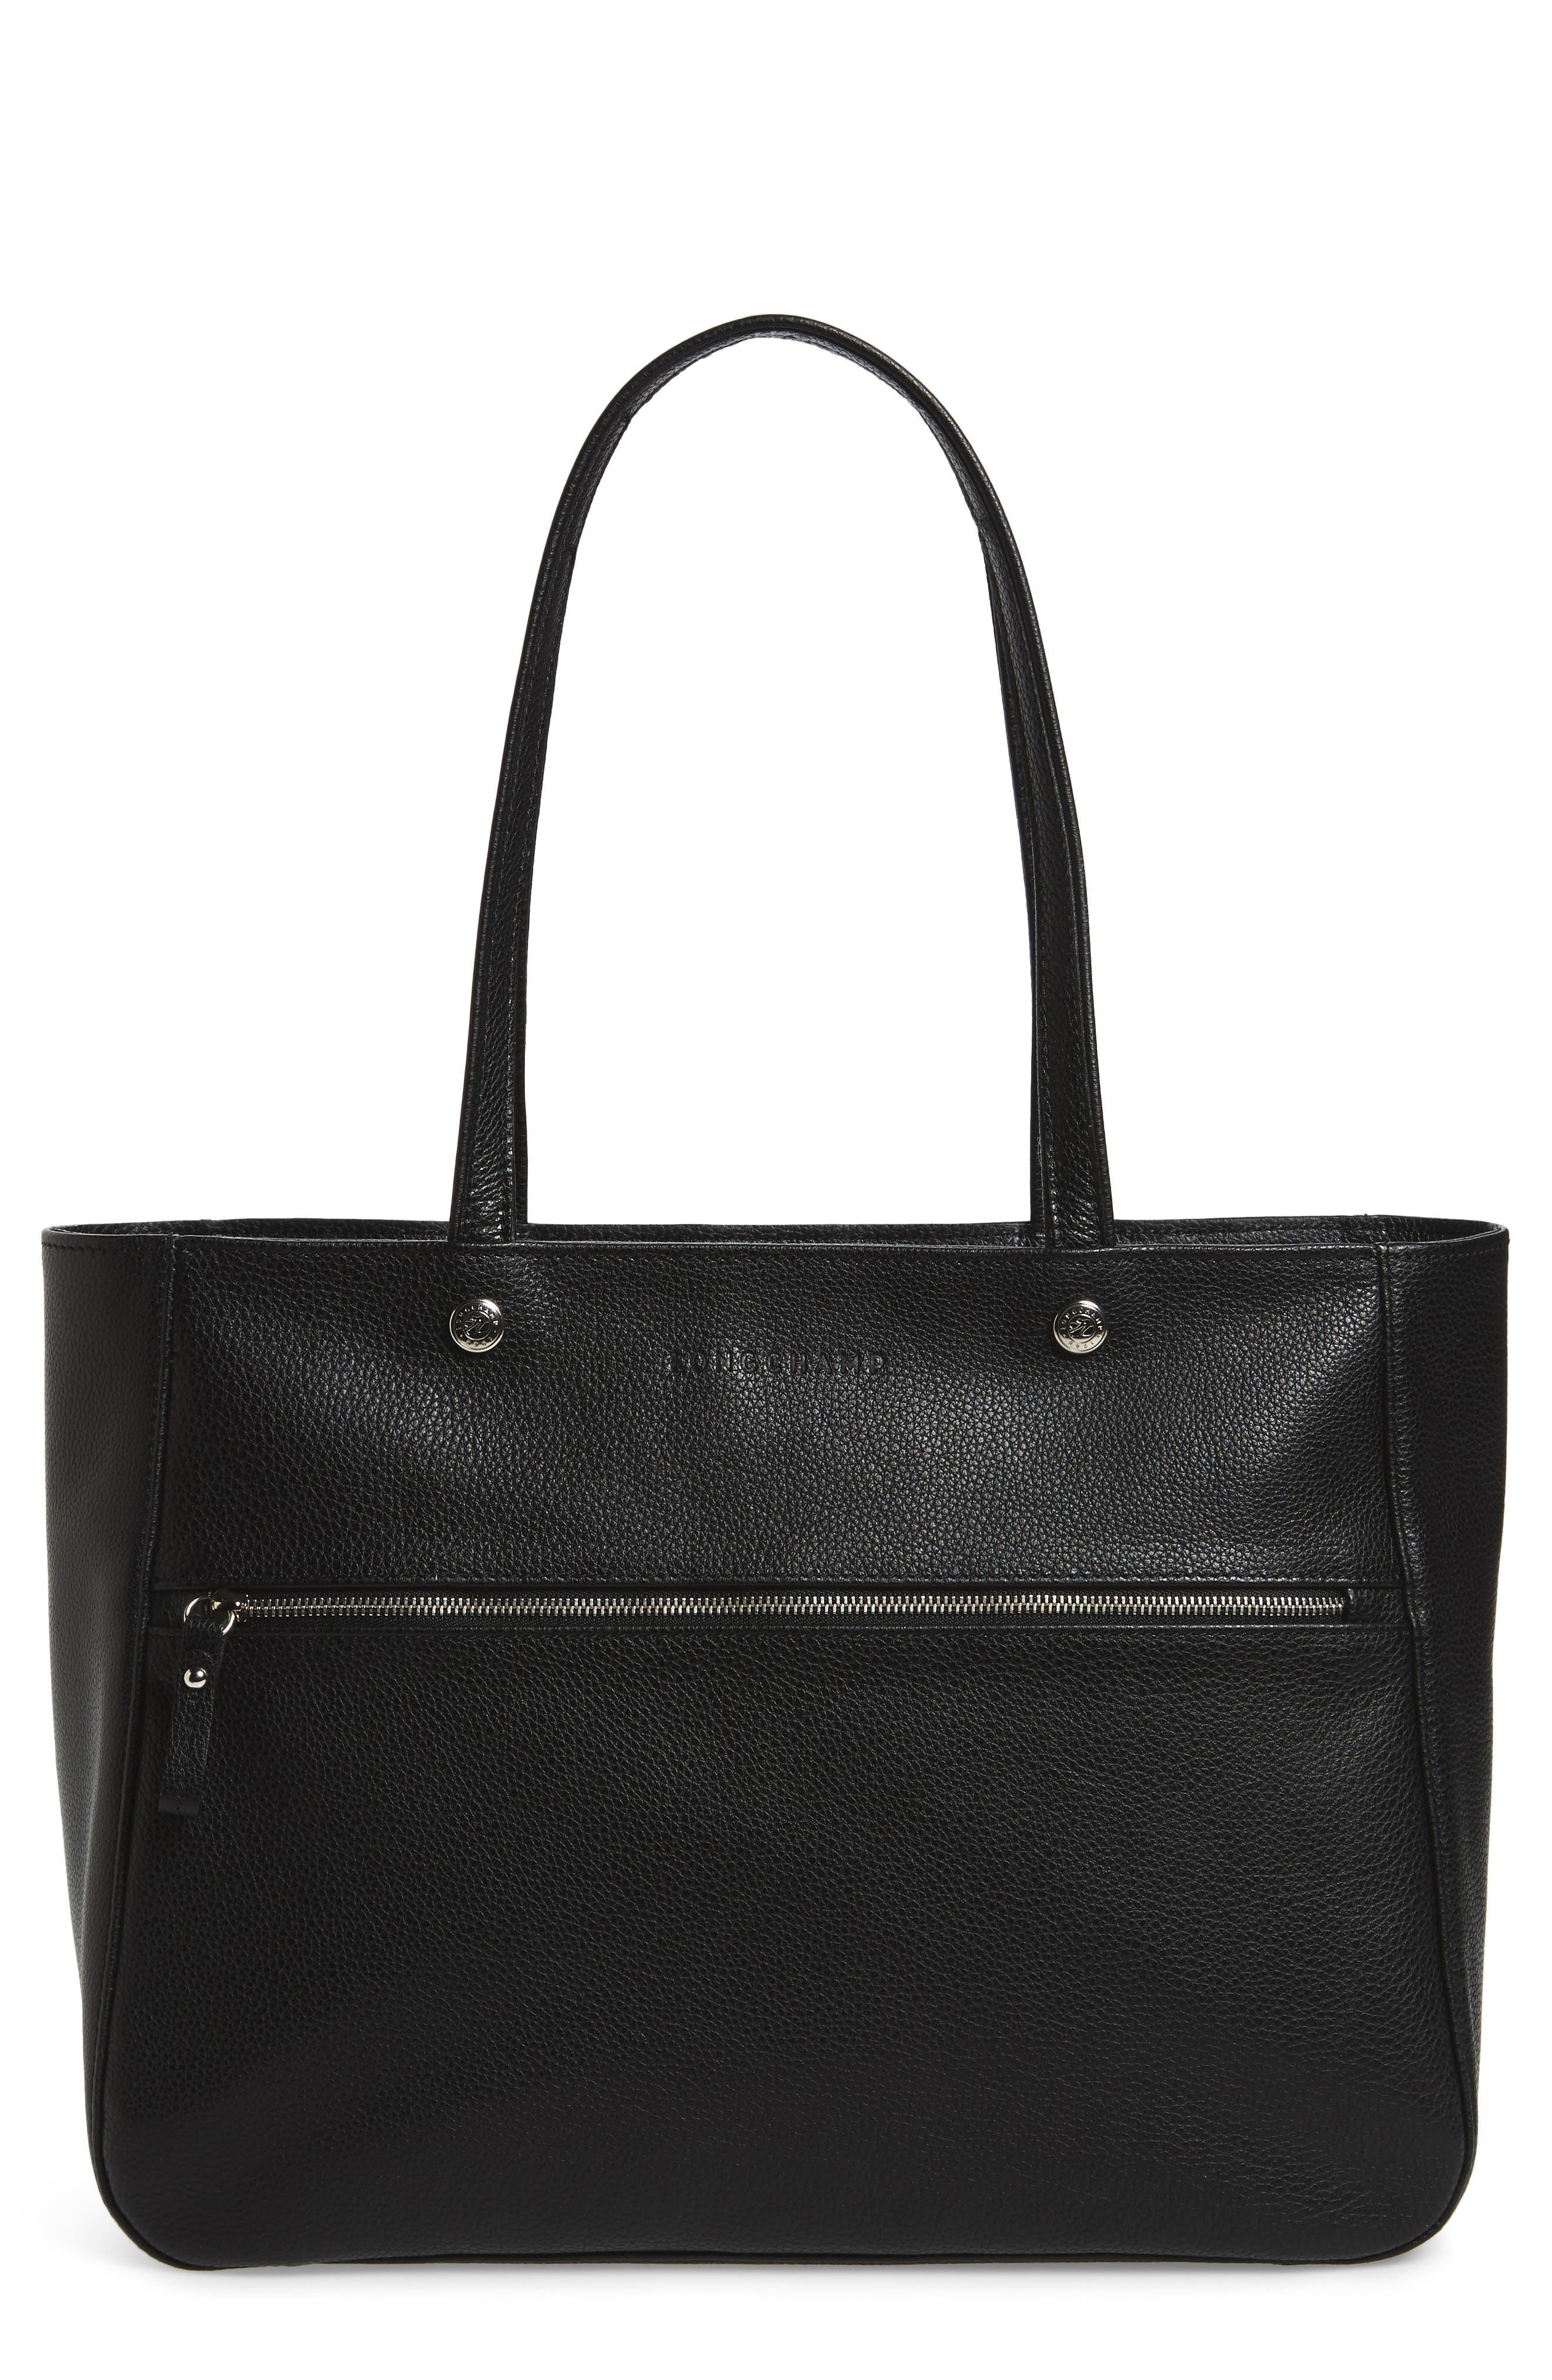 Longchamp Le Foulonné Leather Tote